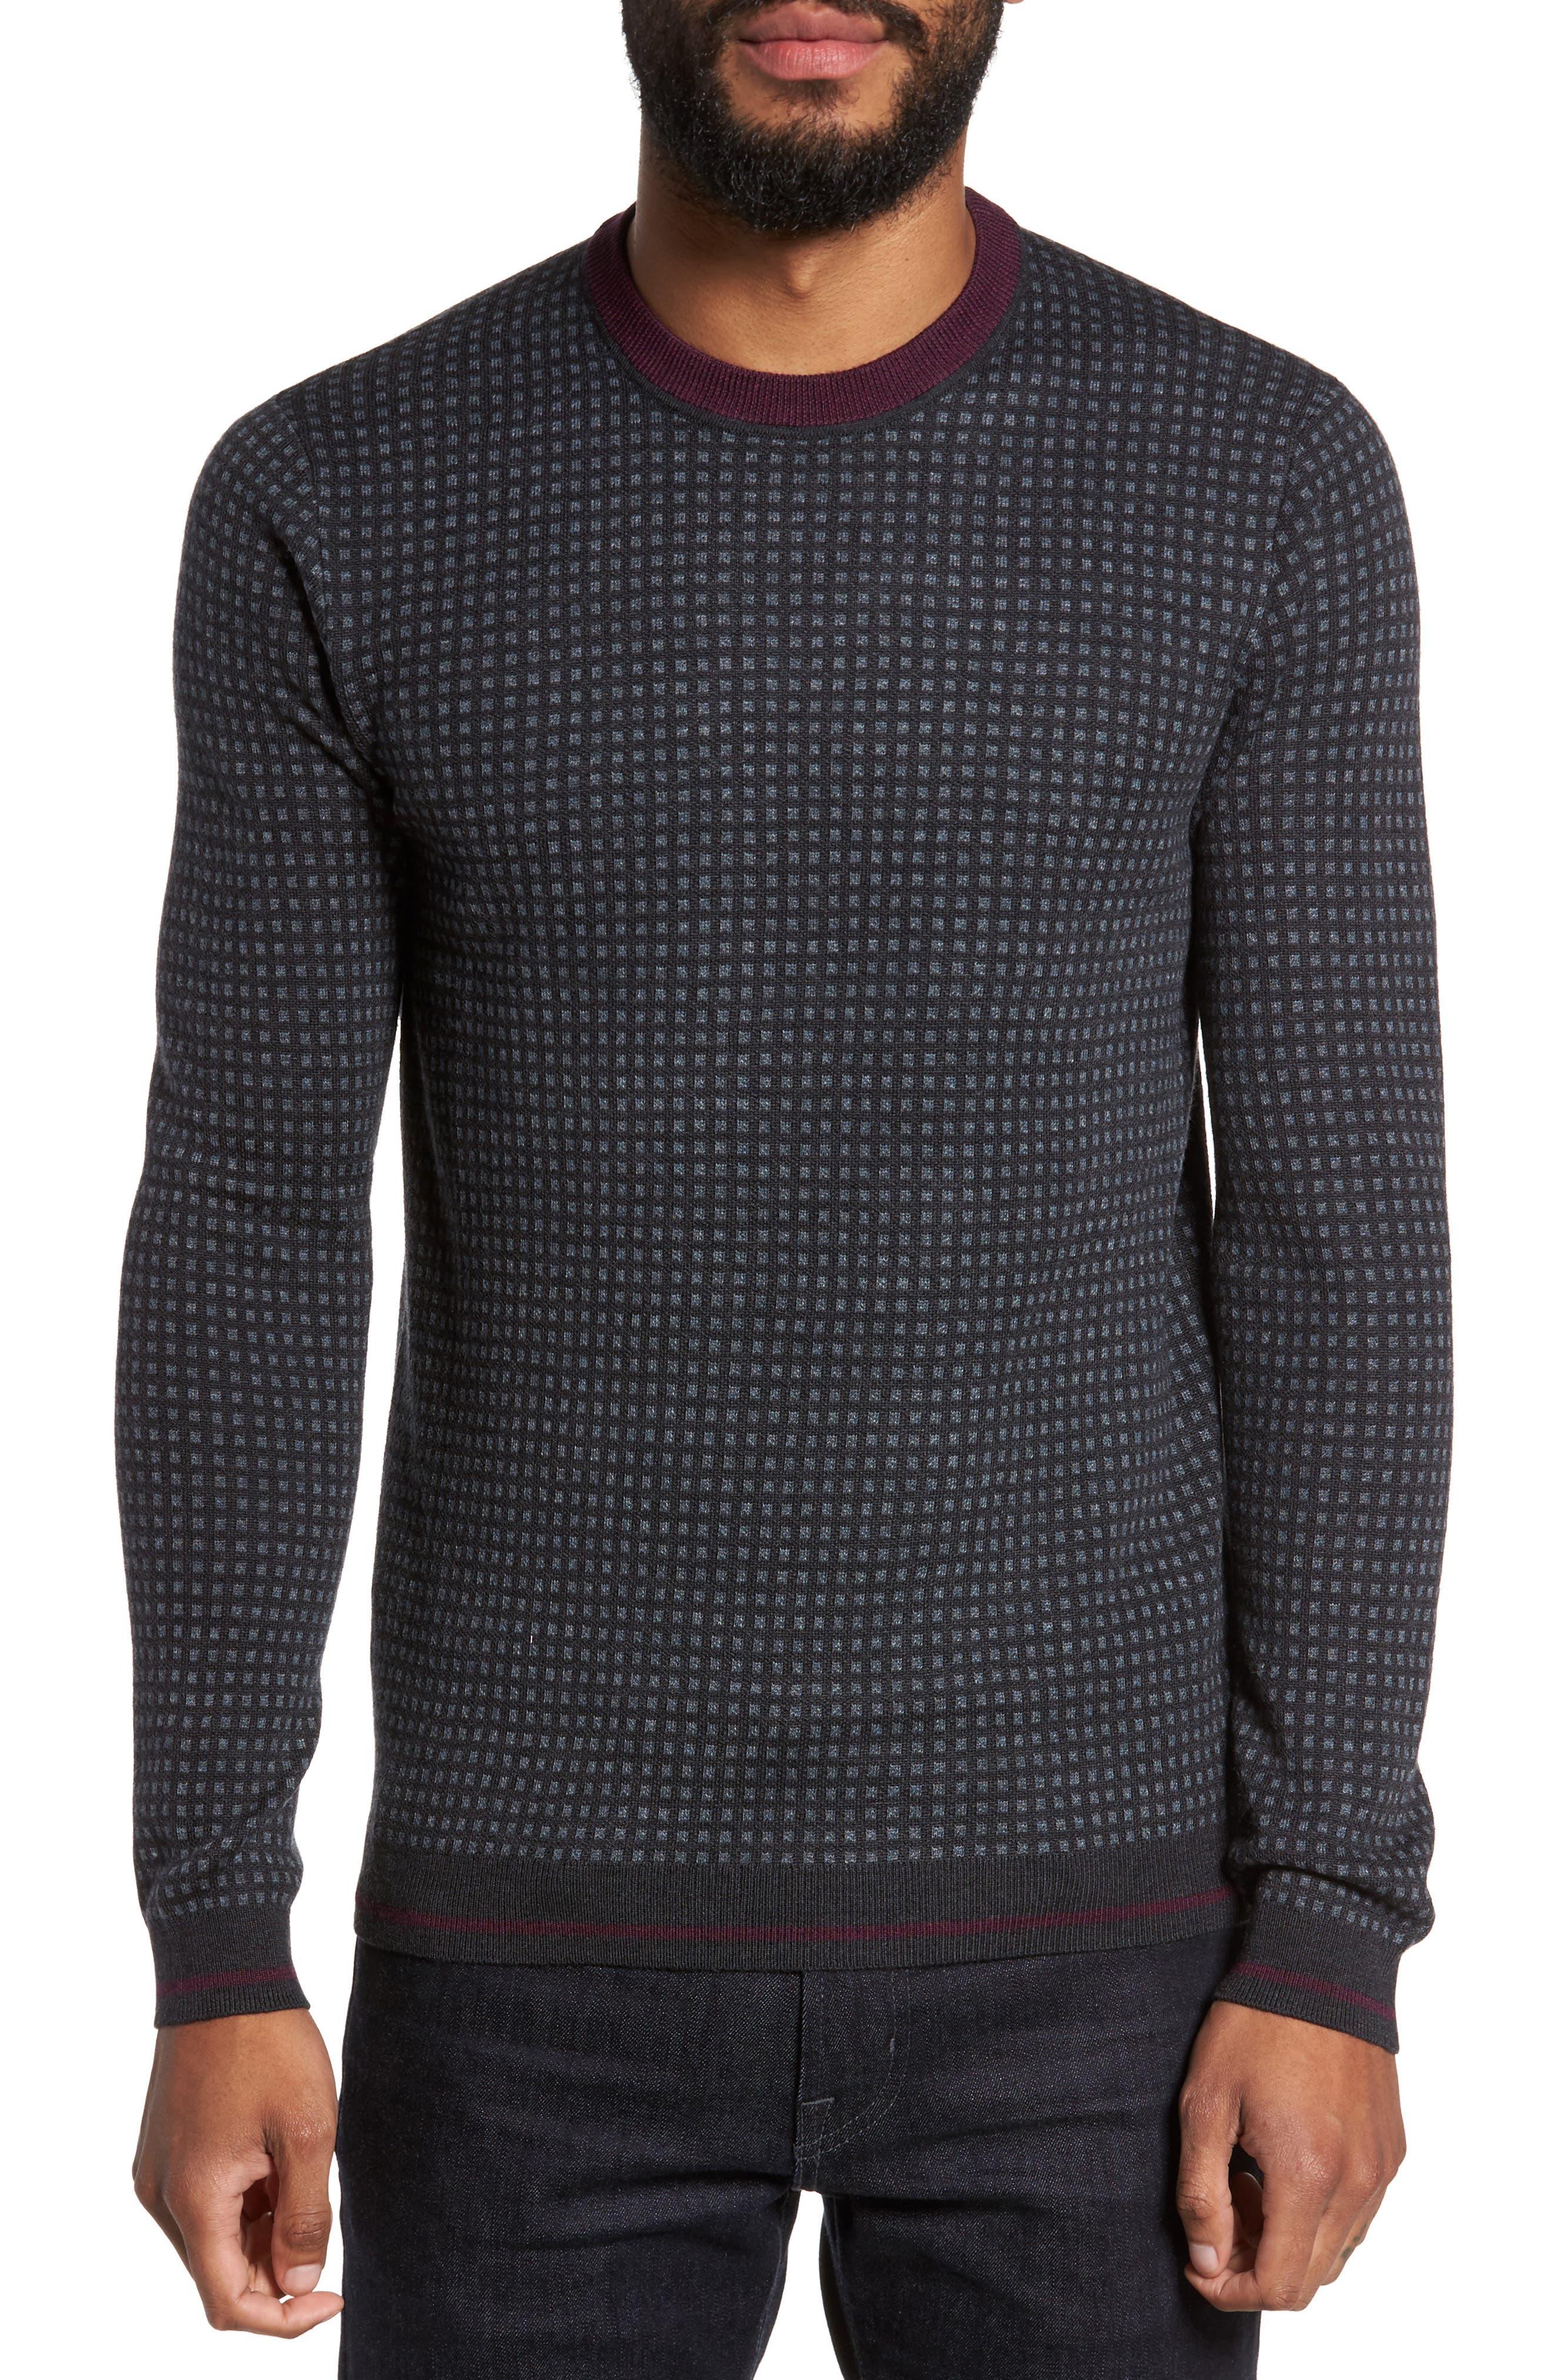 Parvine Crewneck Sweater,                             Main thumbnail 1, color,                             031